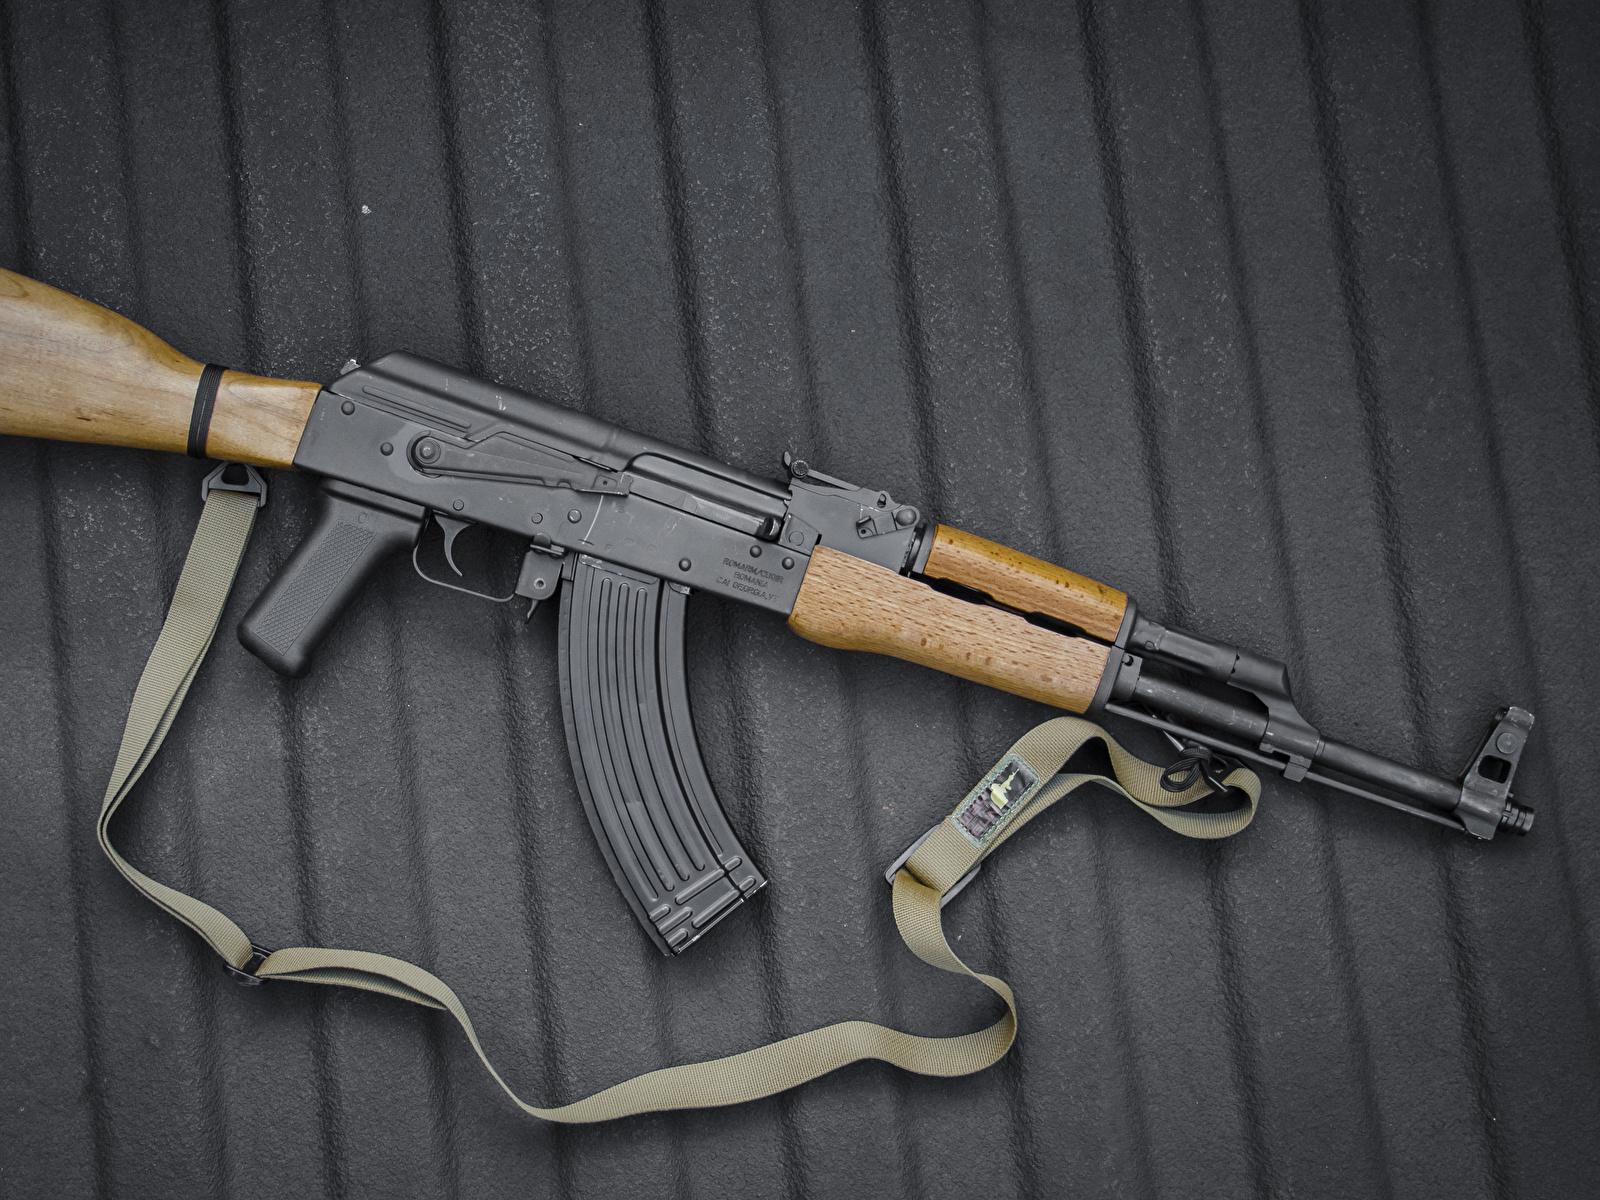 Fotos AK 47 Sturmgewehr russischer Heer 1600x1200 Kalaschnikow Russische russisches Militär